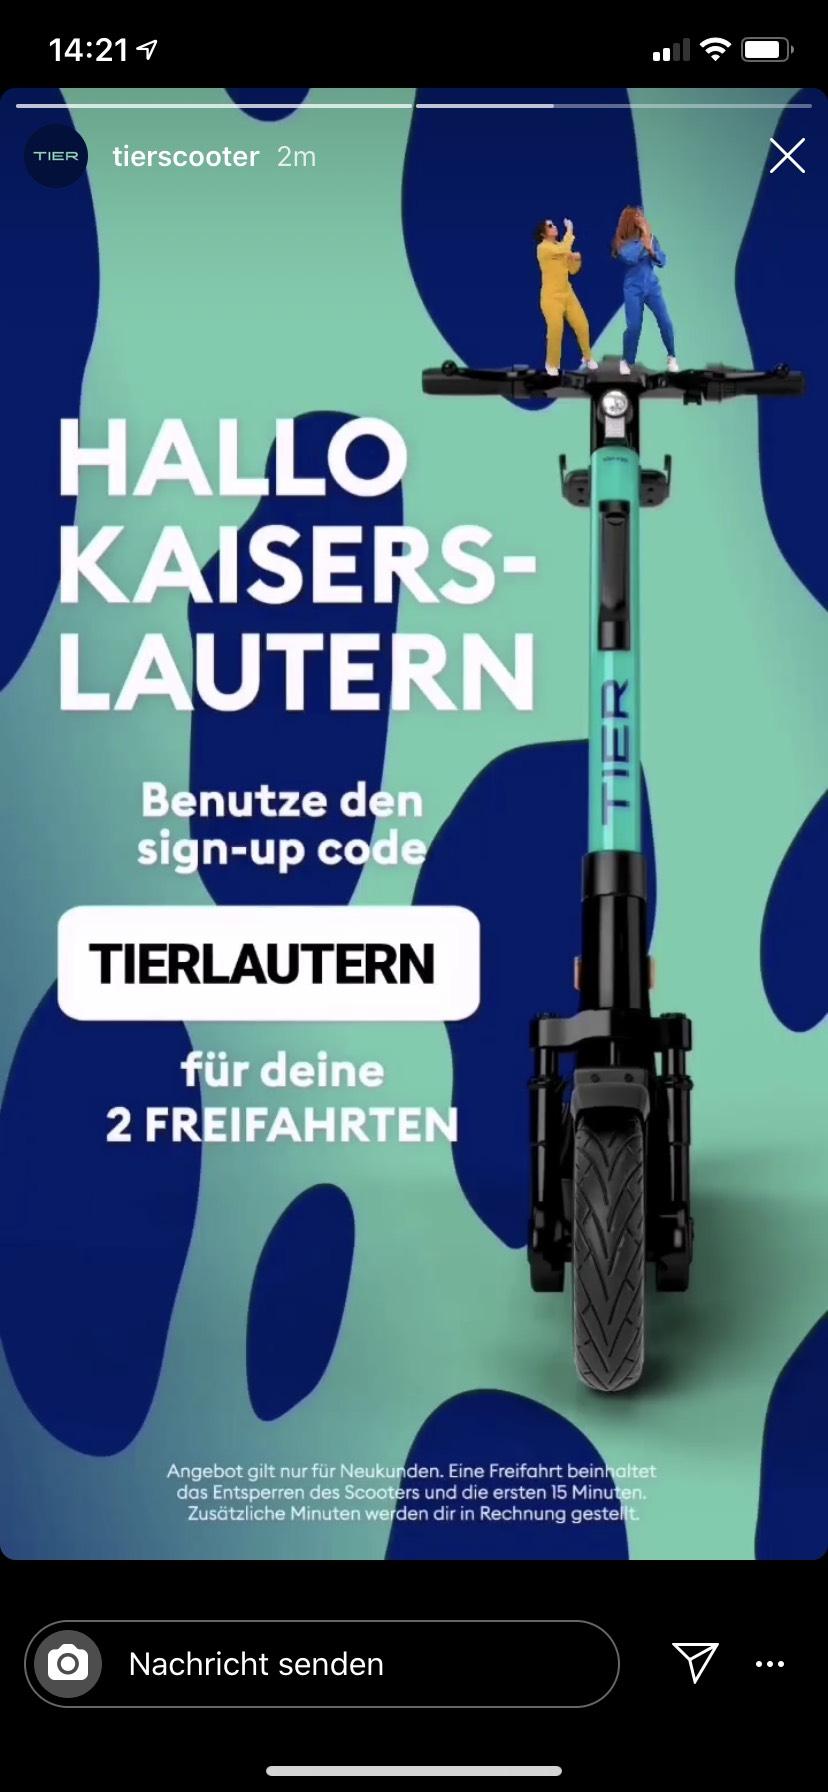 """Lokal Kaiserlautern Tier Neukunden 2 Freifahrten """"TIERLAUTERN"""""""